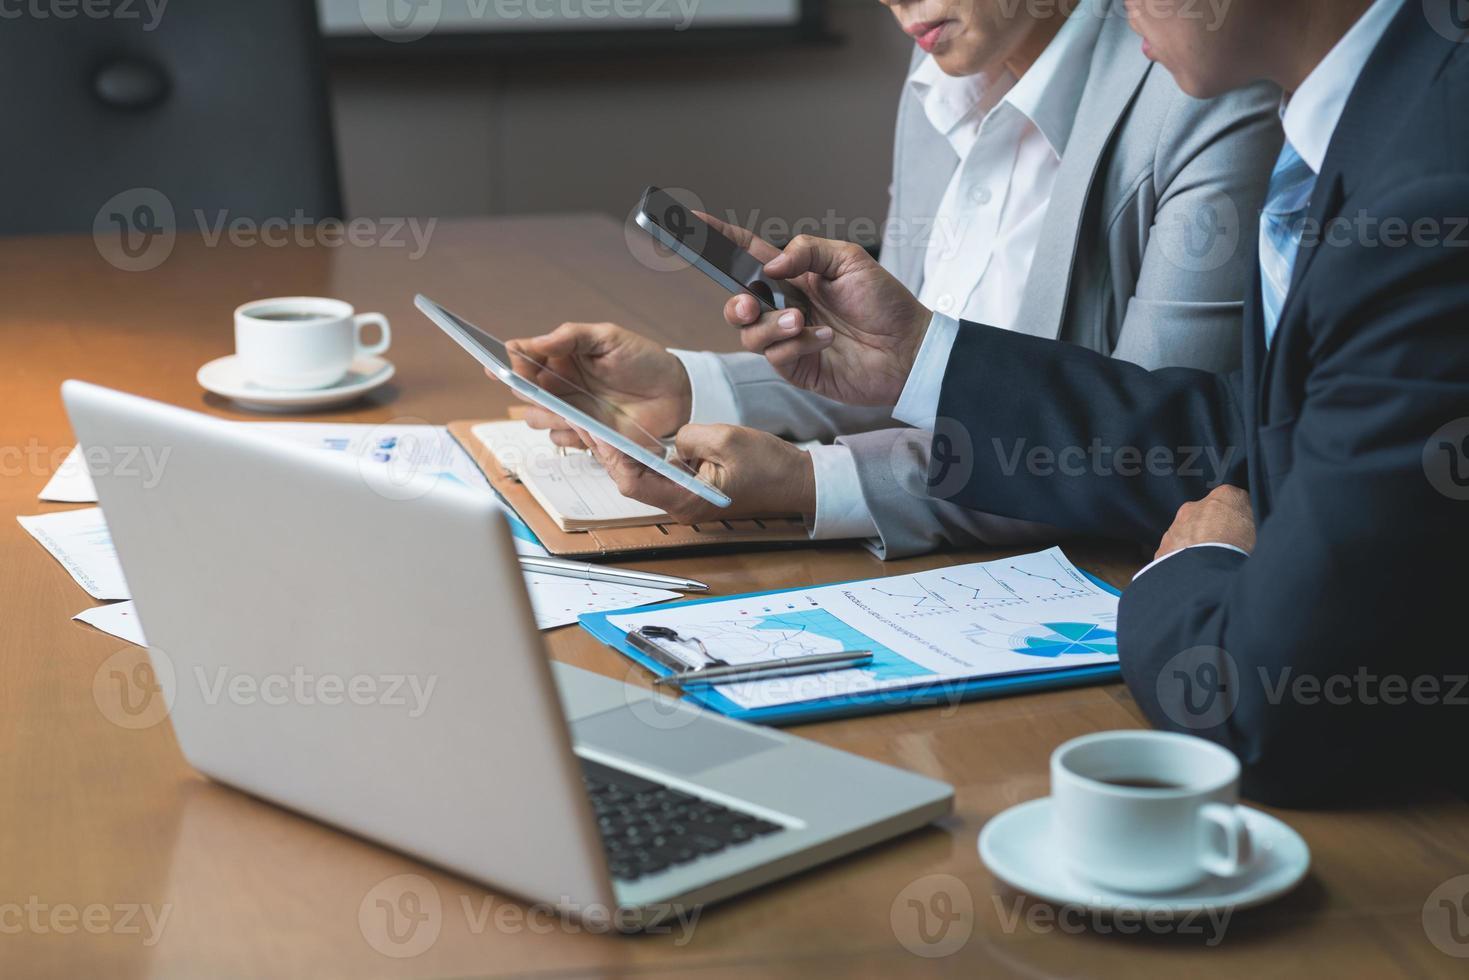 technologie in het bedrijfsleven foto